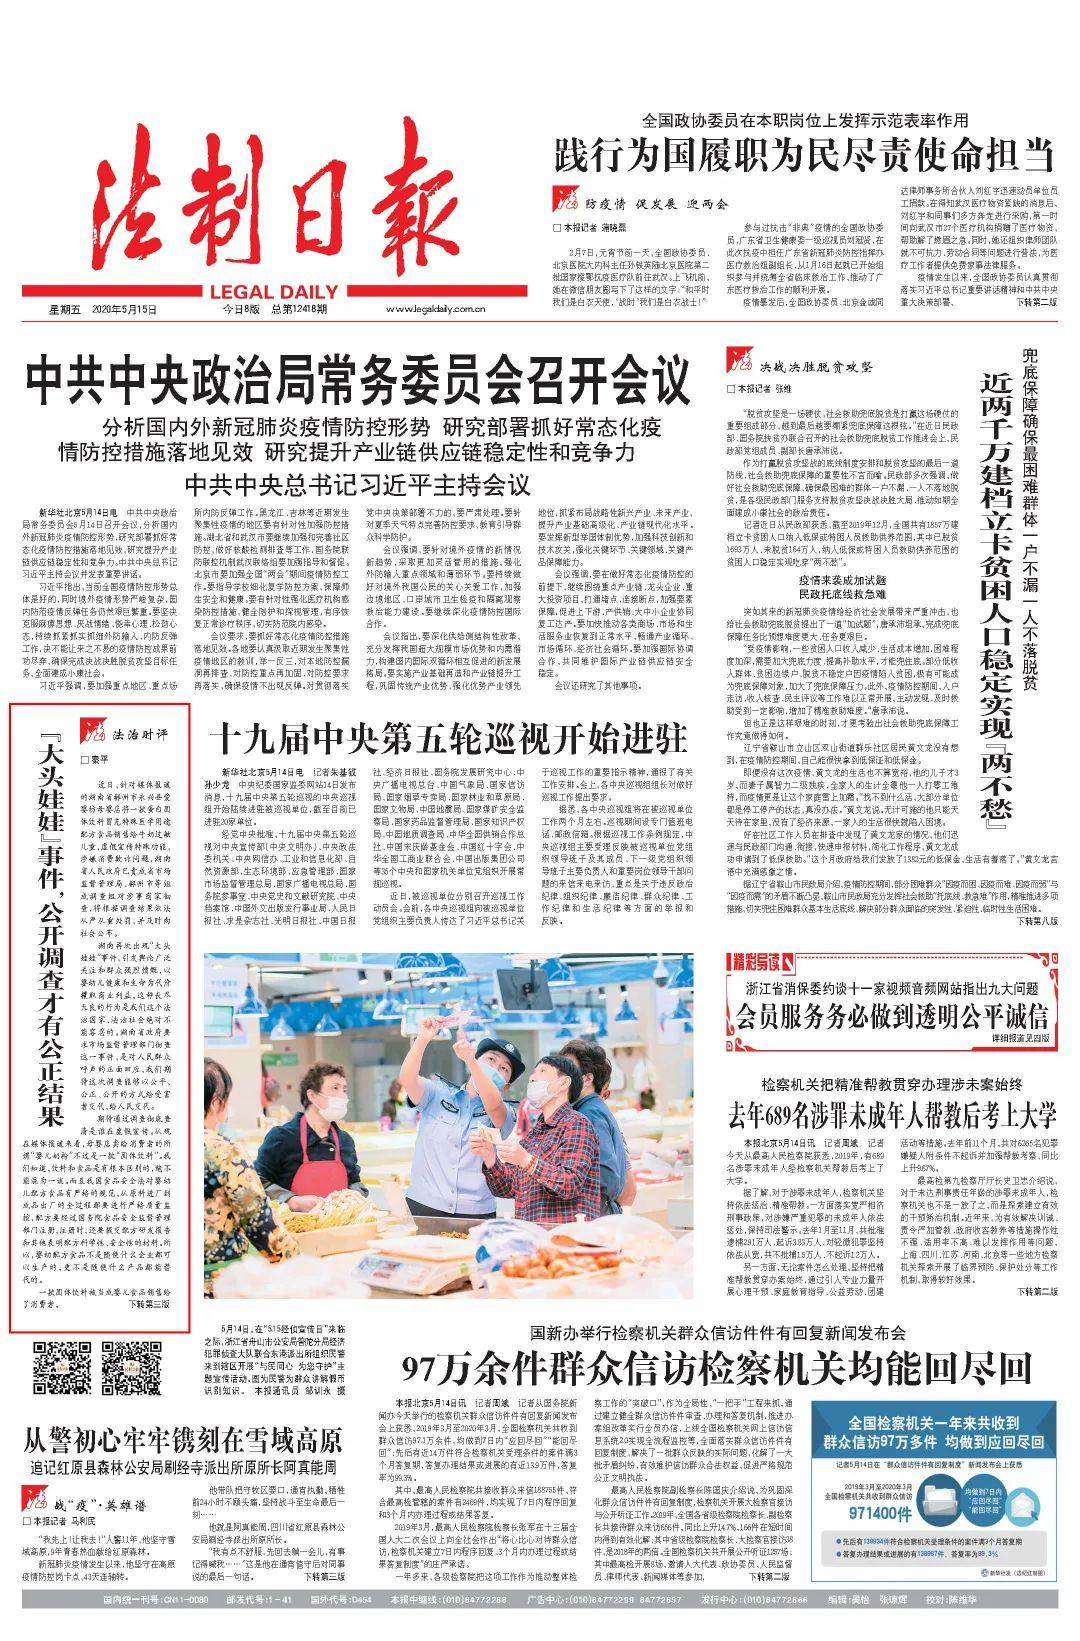 摩天招商制日报评论大头娃娃事件公开摩天招商图片